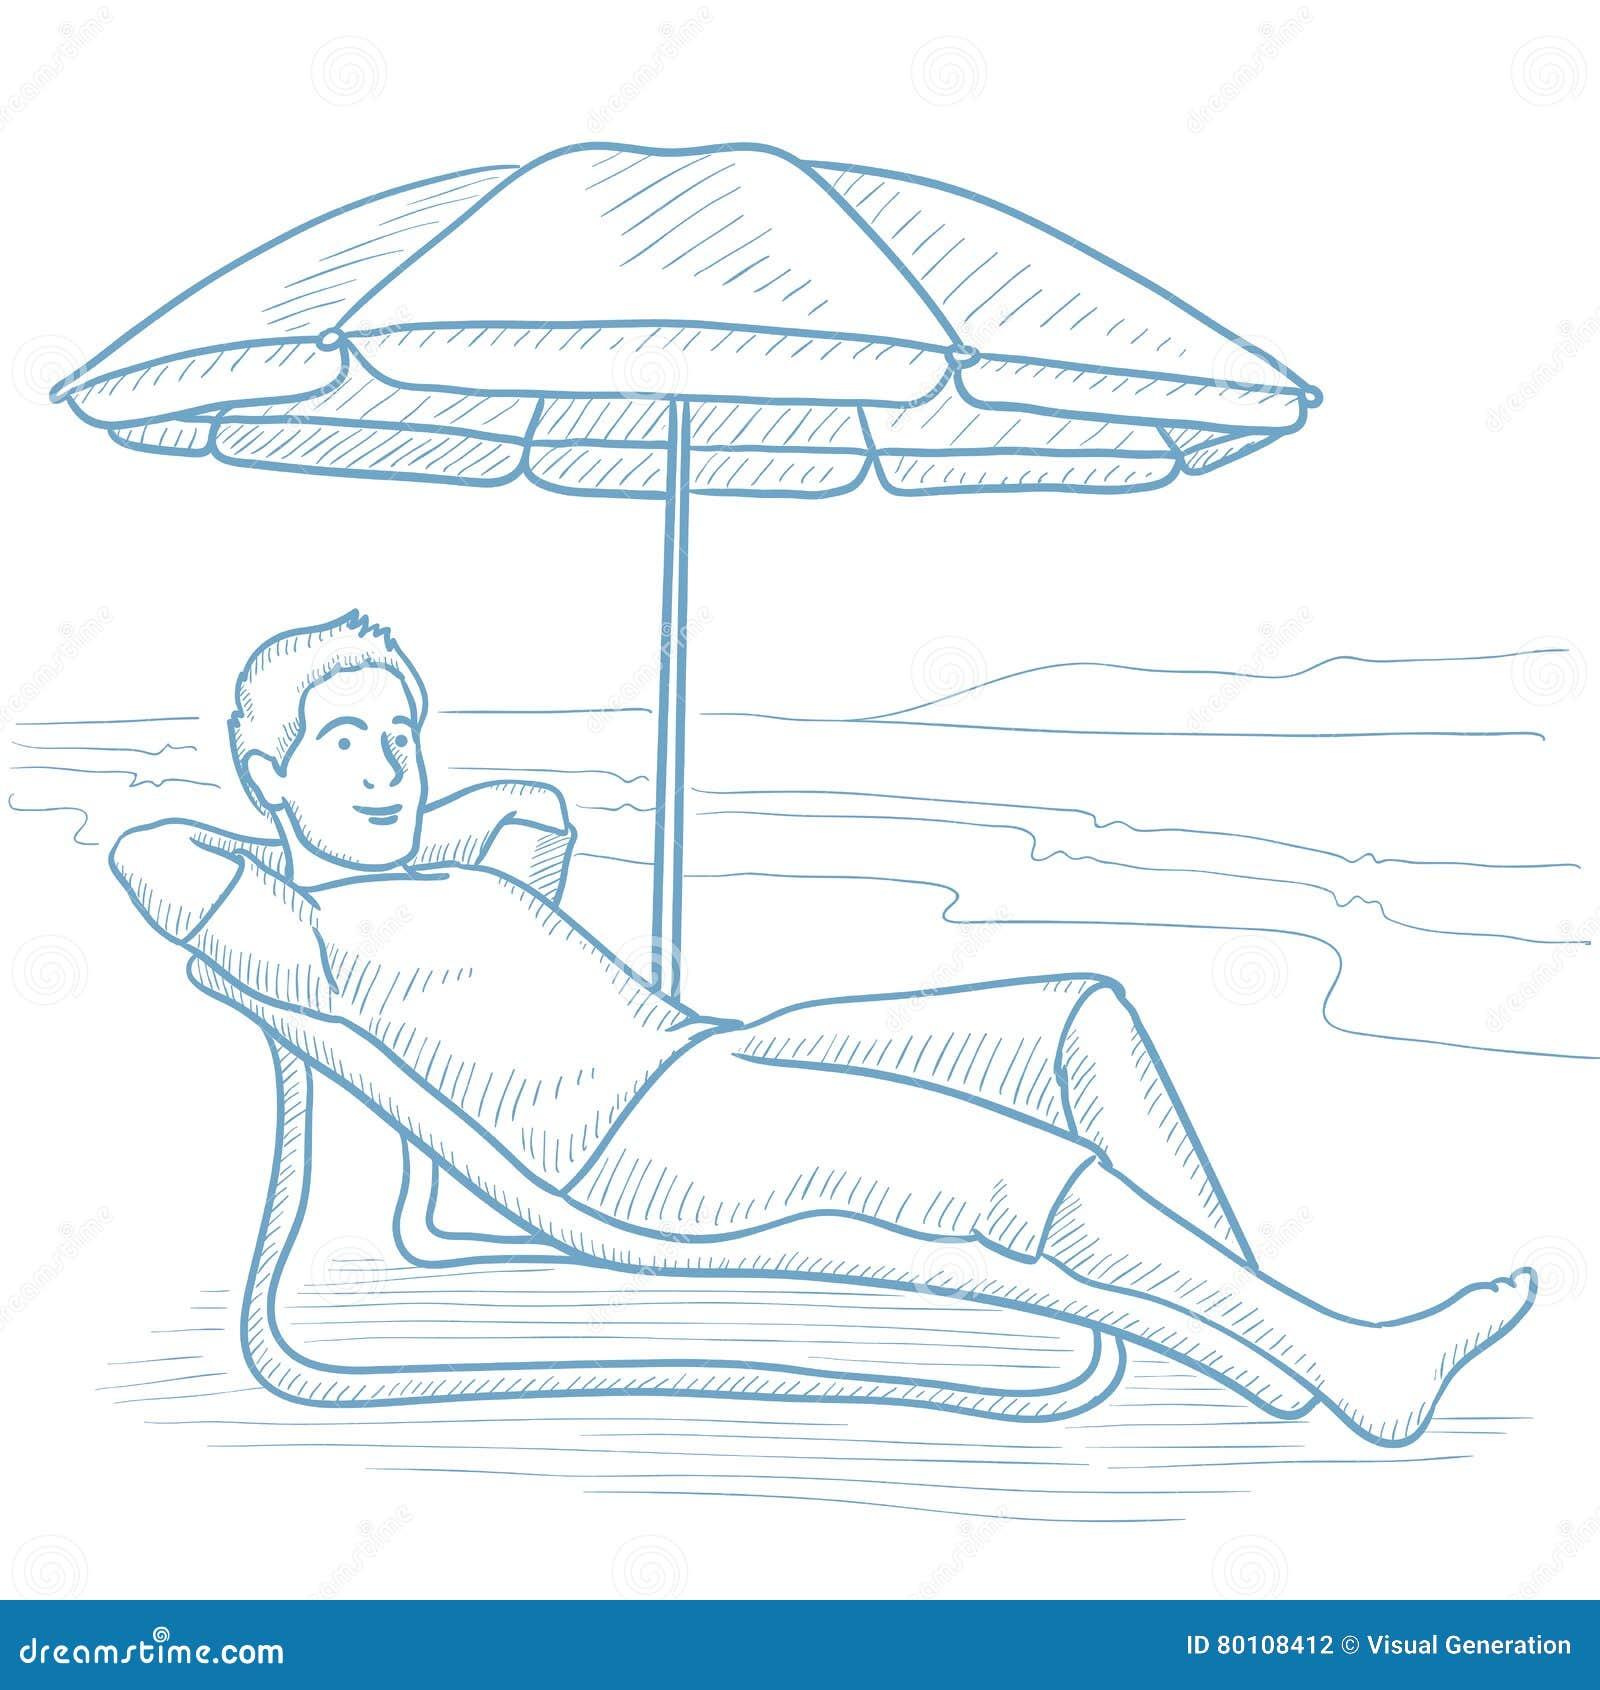 Easy beach chair drawing - Background Beach Chair